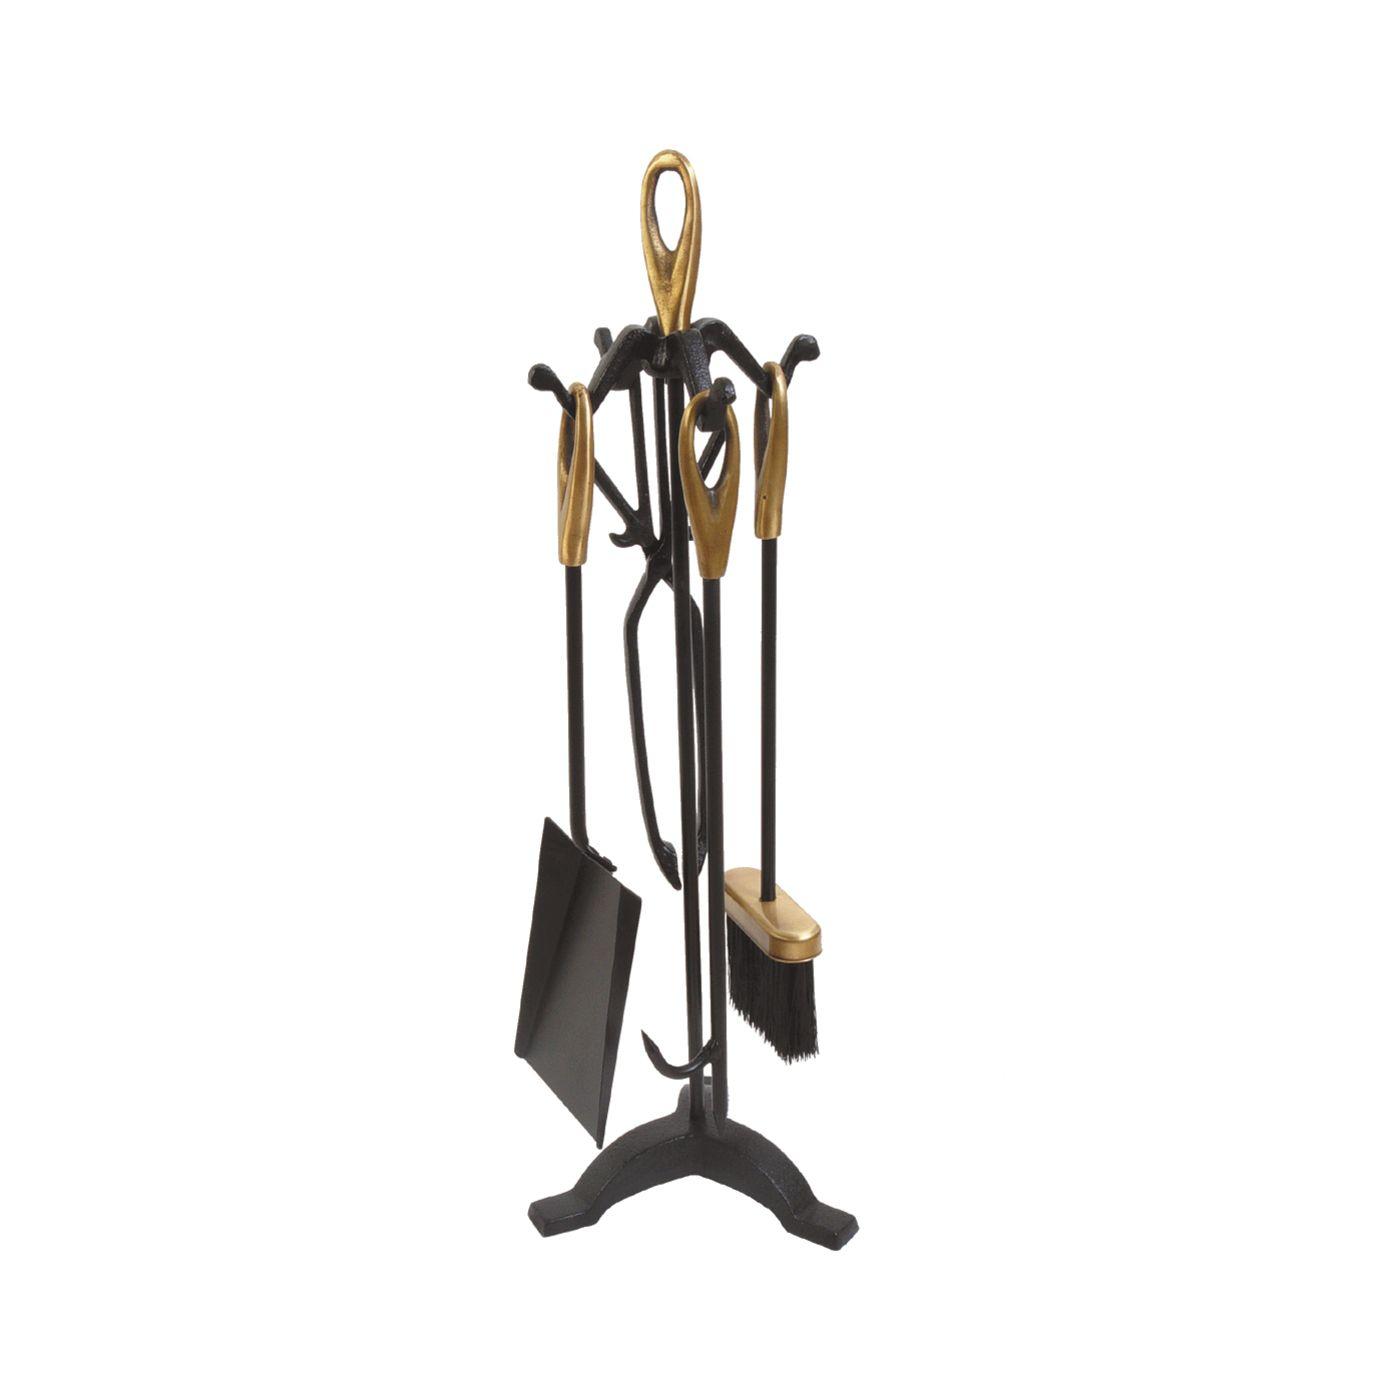 Acessórios Para Lareira Cabo Dourado 65cm 5 Peças  - Arrivo Mobile